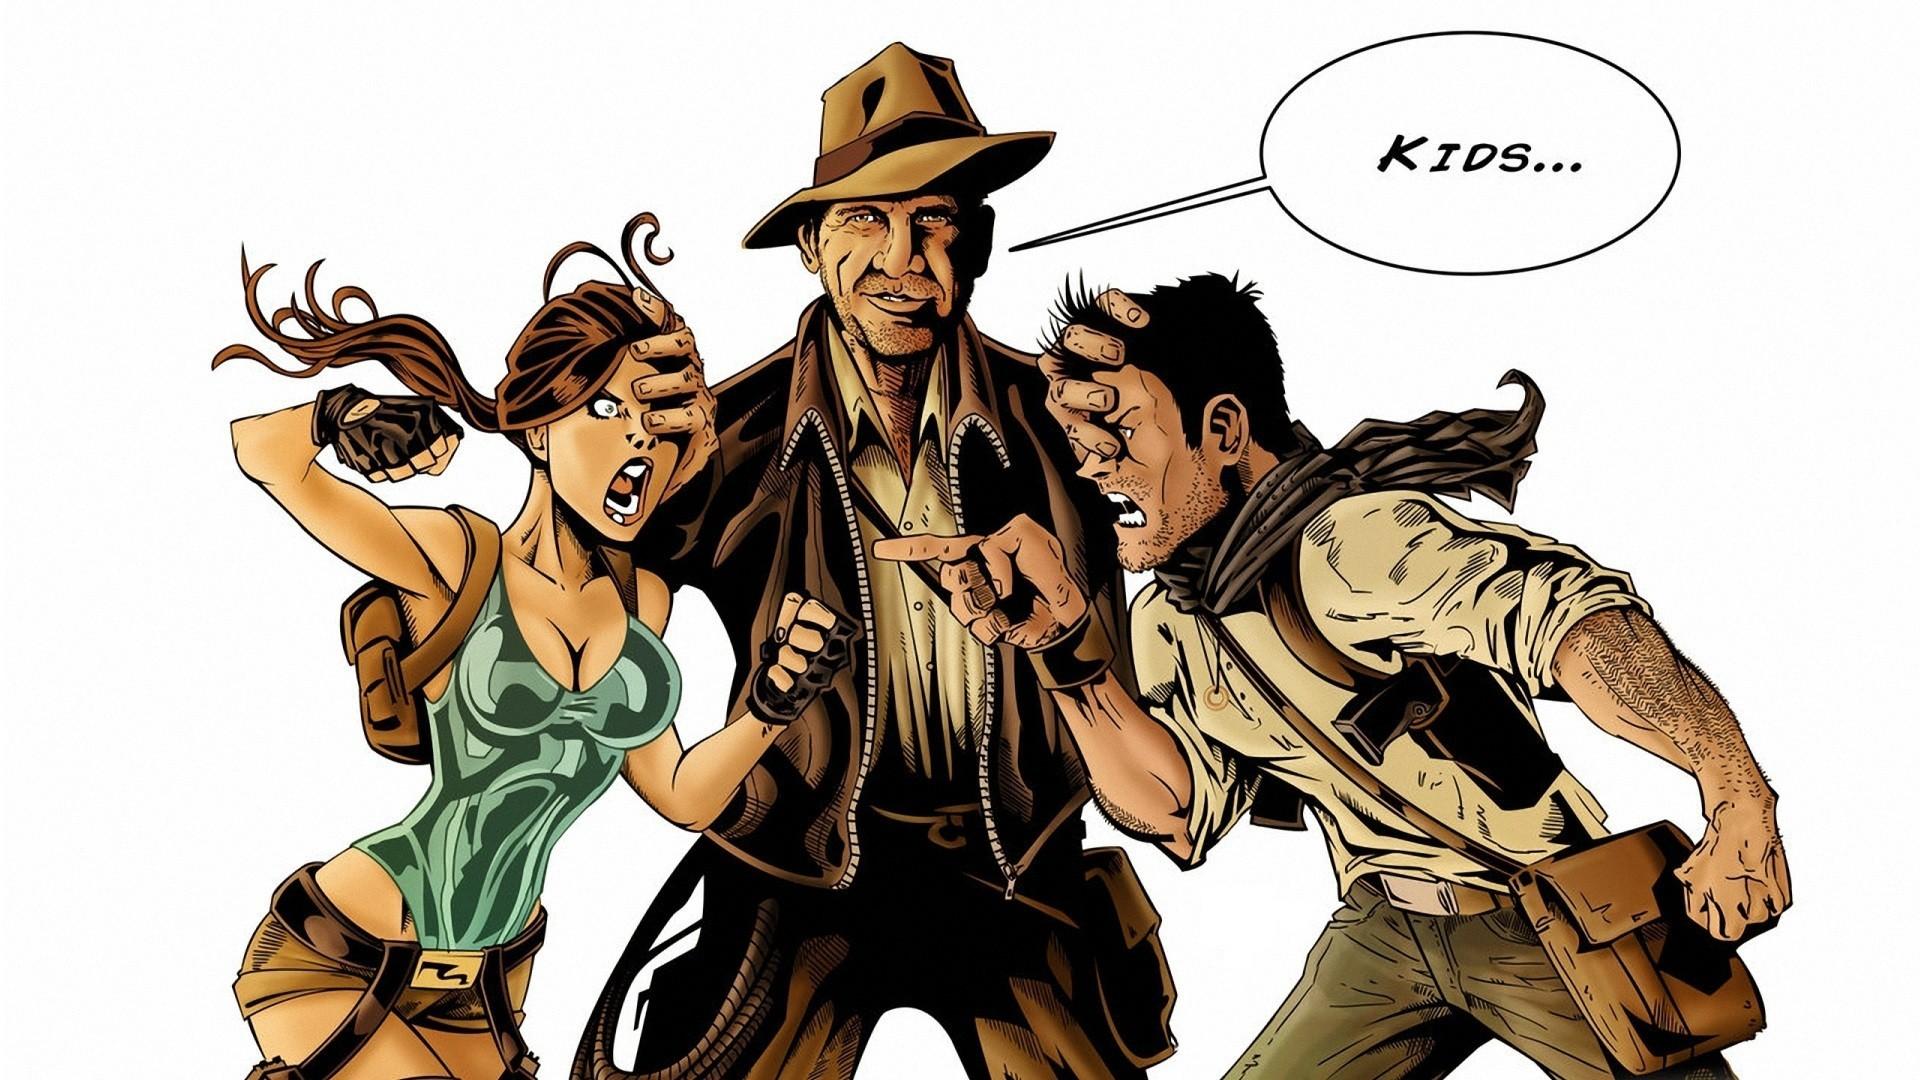 Indiana Jones Tomb Raider 1920x1080 Px